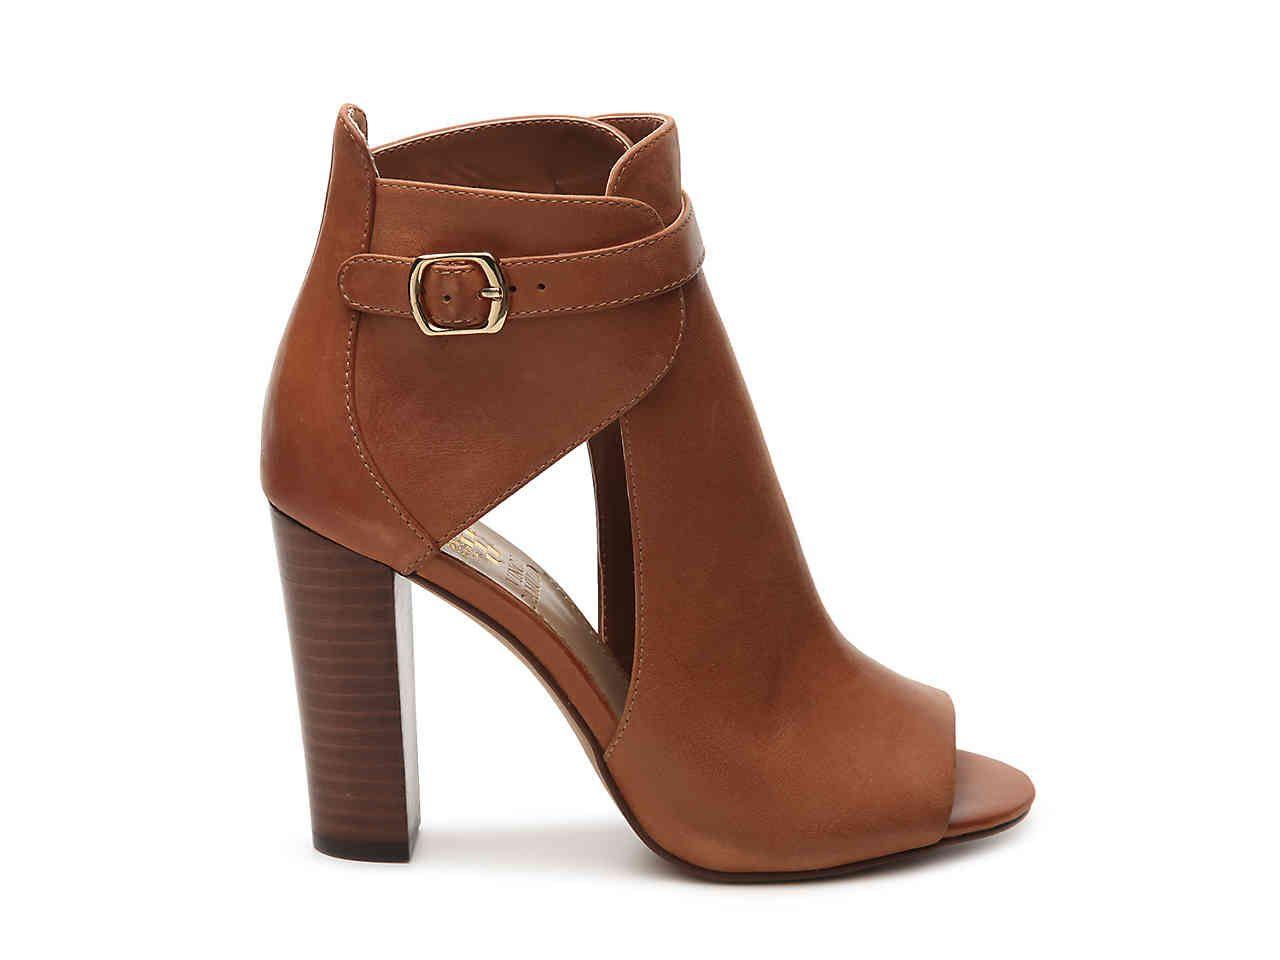 00a588cd555 Vince Camuto Venica Bootie Women s Shoes